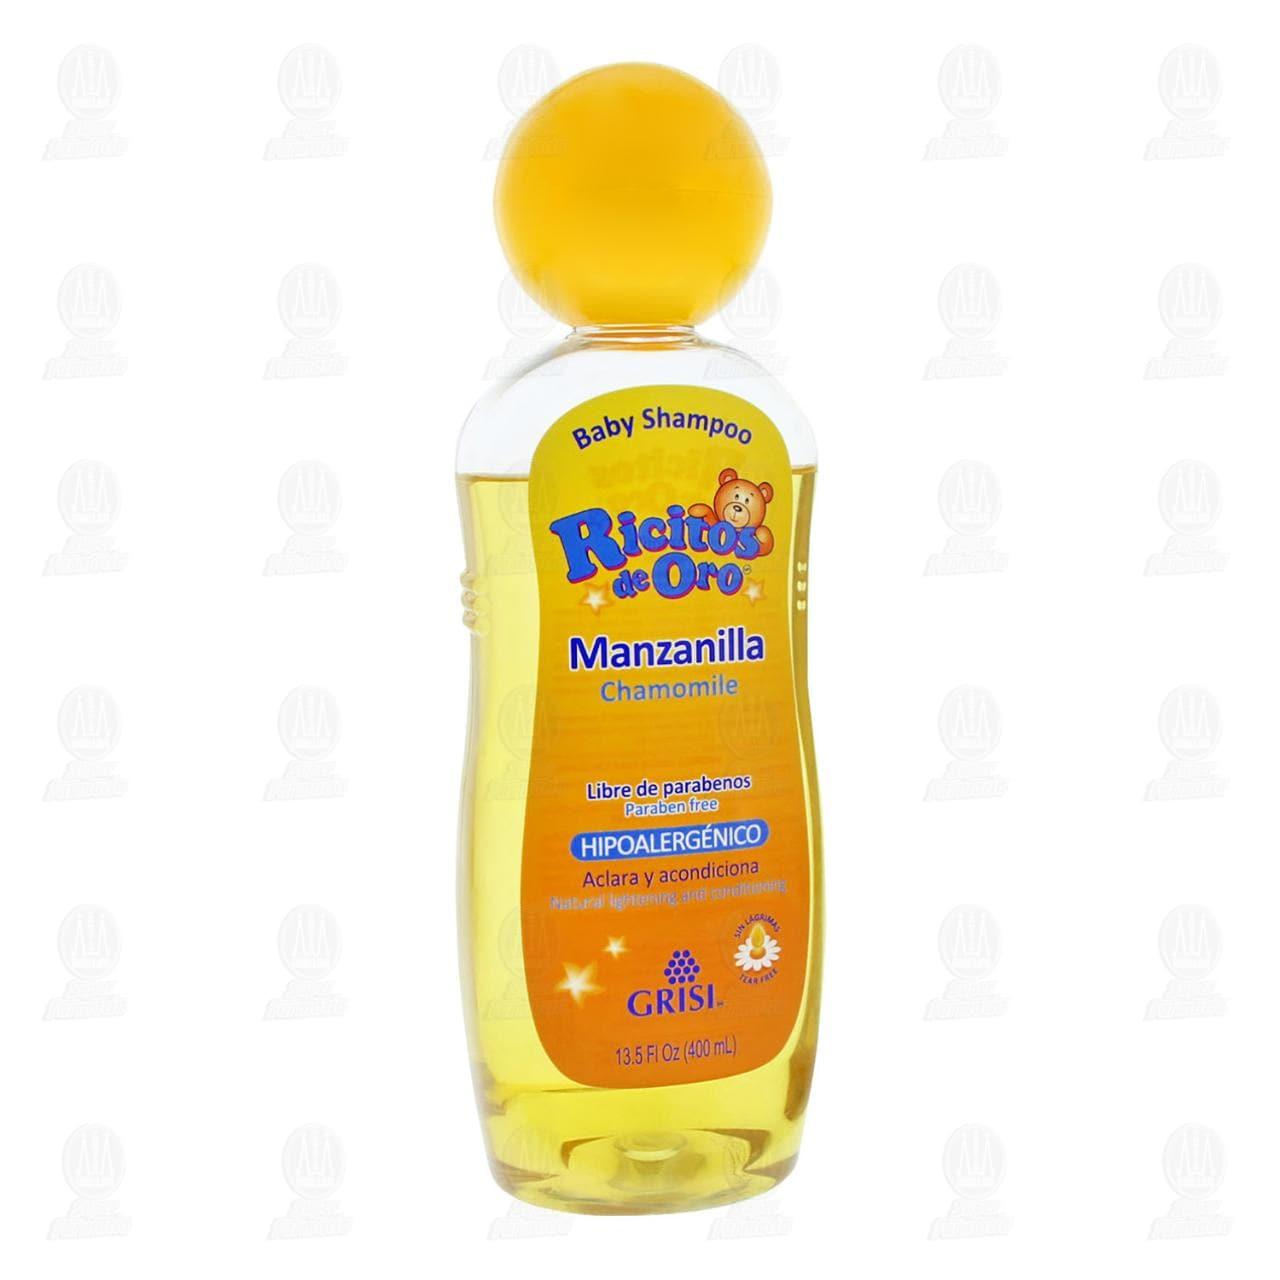 comprar https://www.movil.farmaciasguadalajara.com/wcsstore/FGCAS/wcs/products/416053_A_1280_AL.jpg en farmacias guadalajara